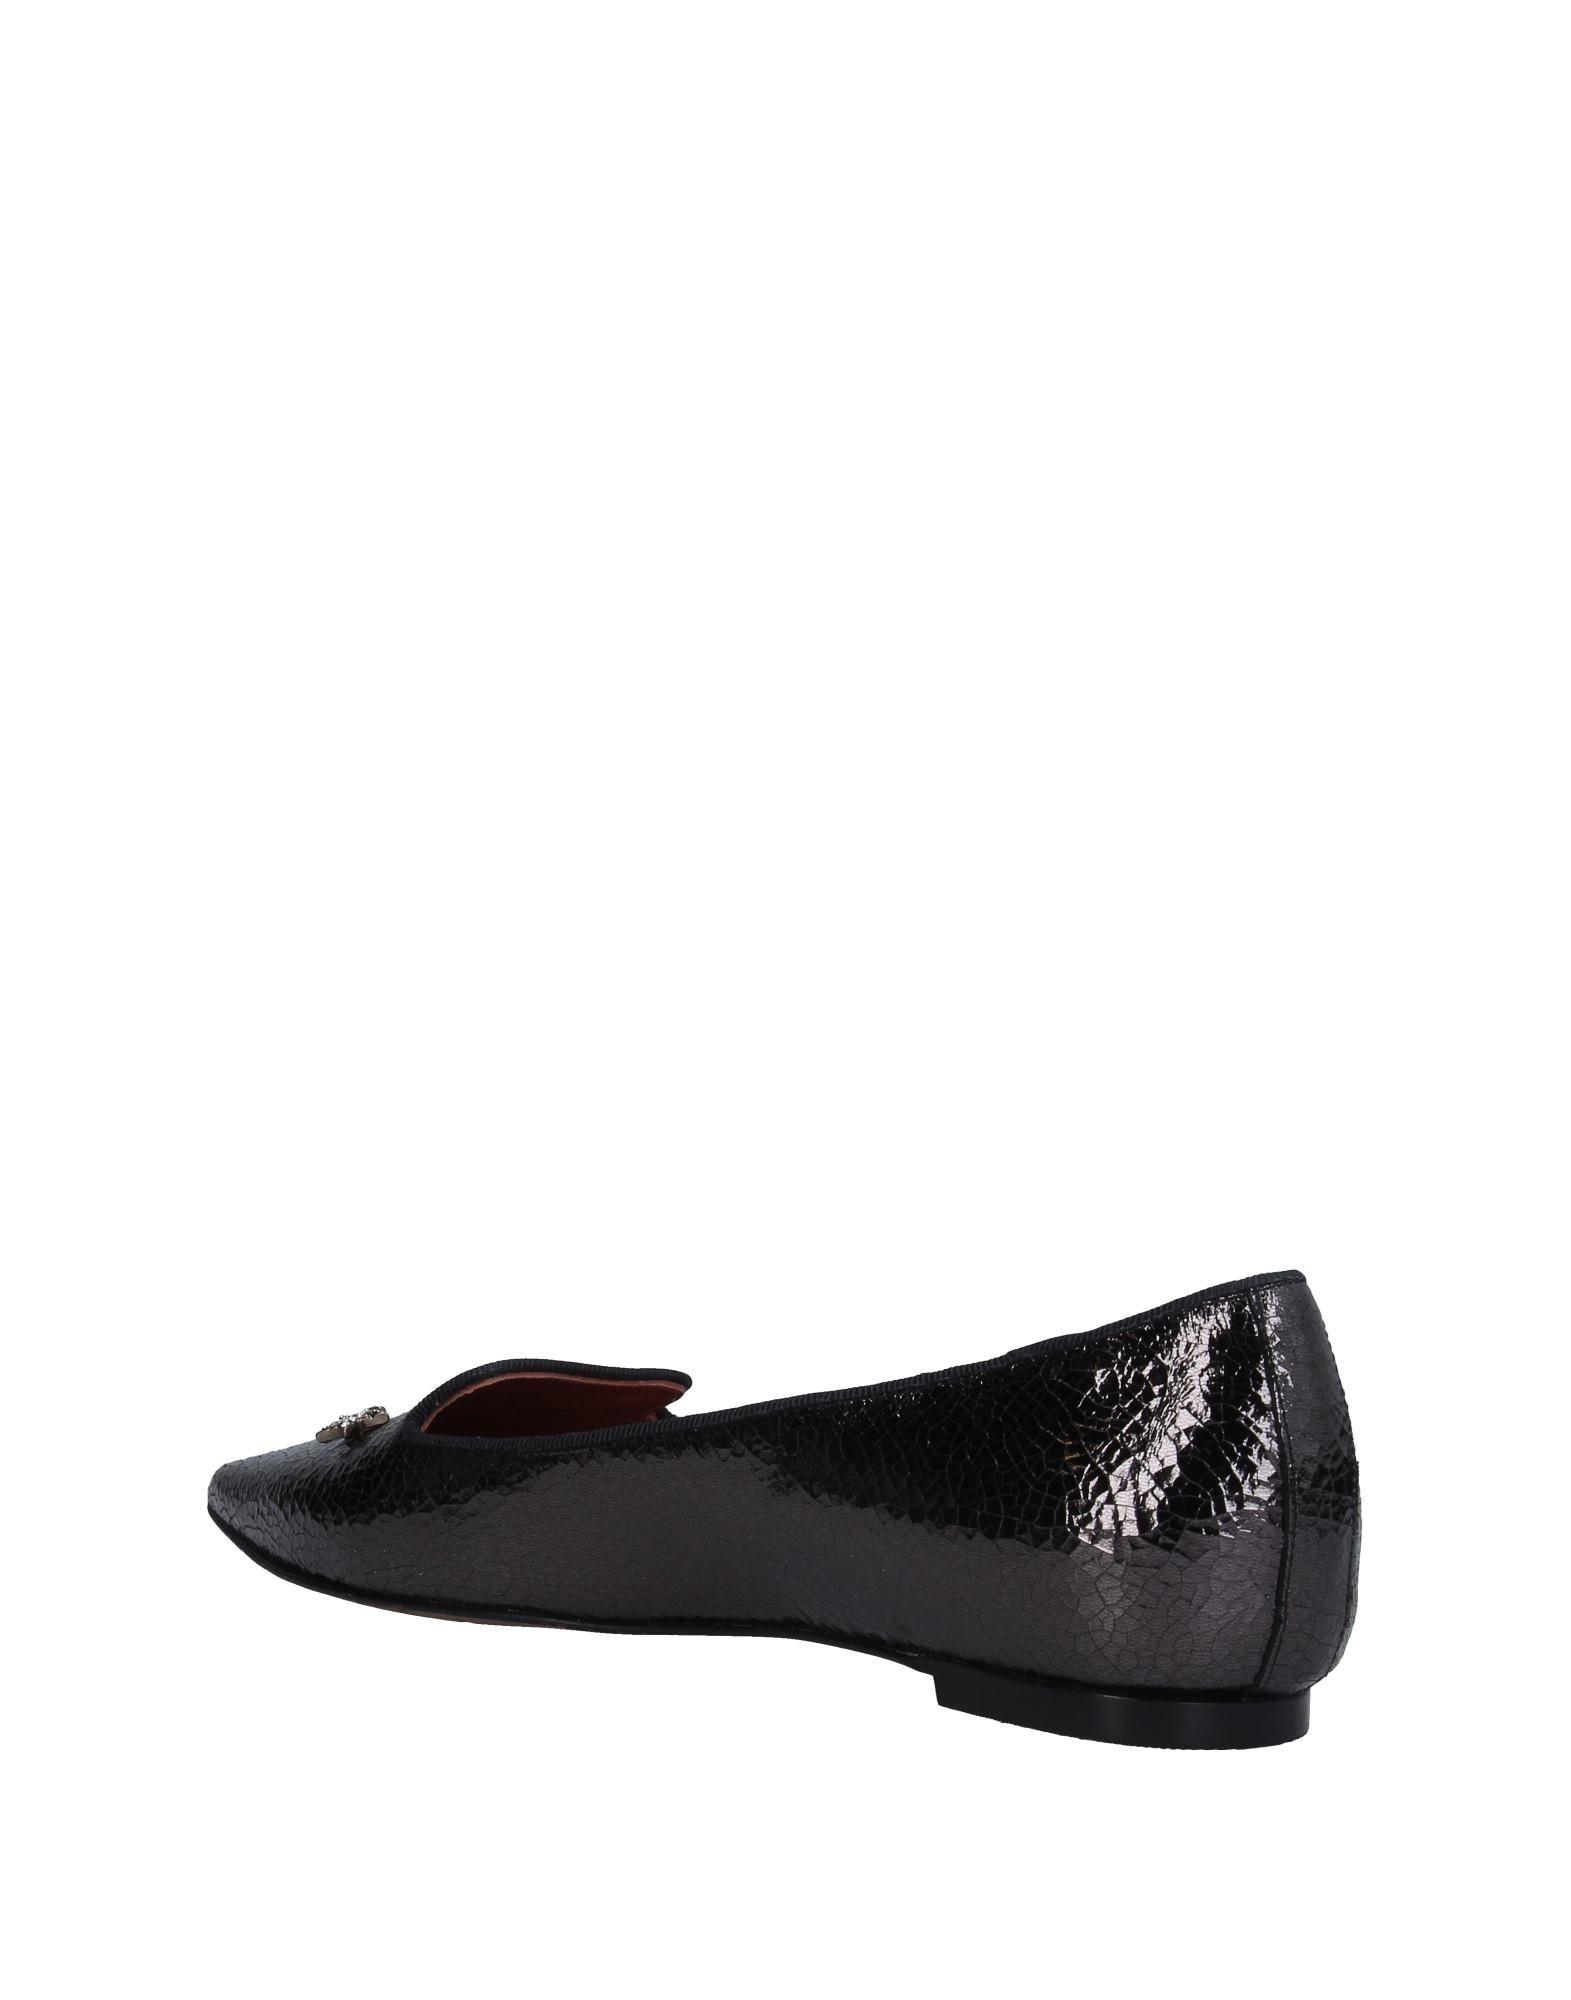 Gut um Mokassins billige Schuhe zu tragenRas Mokassins um Damen  11319808XA 5db7b3